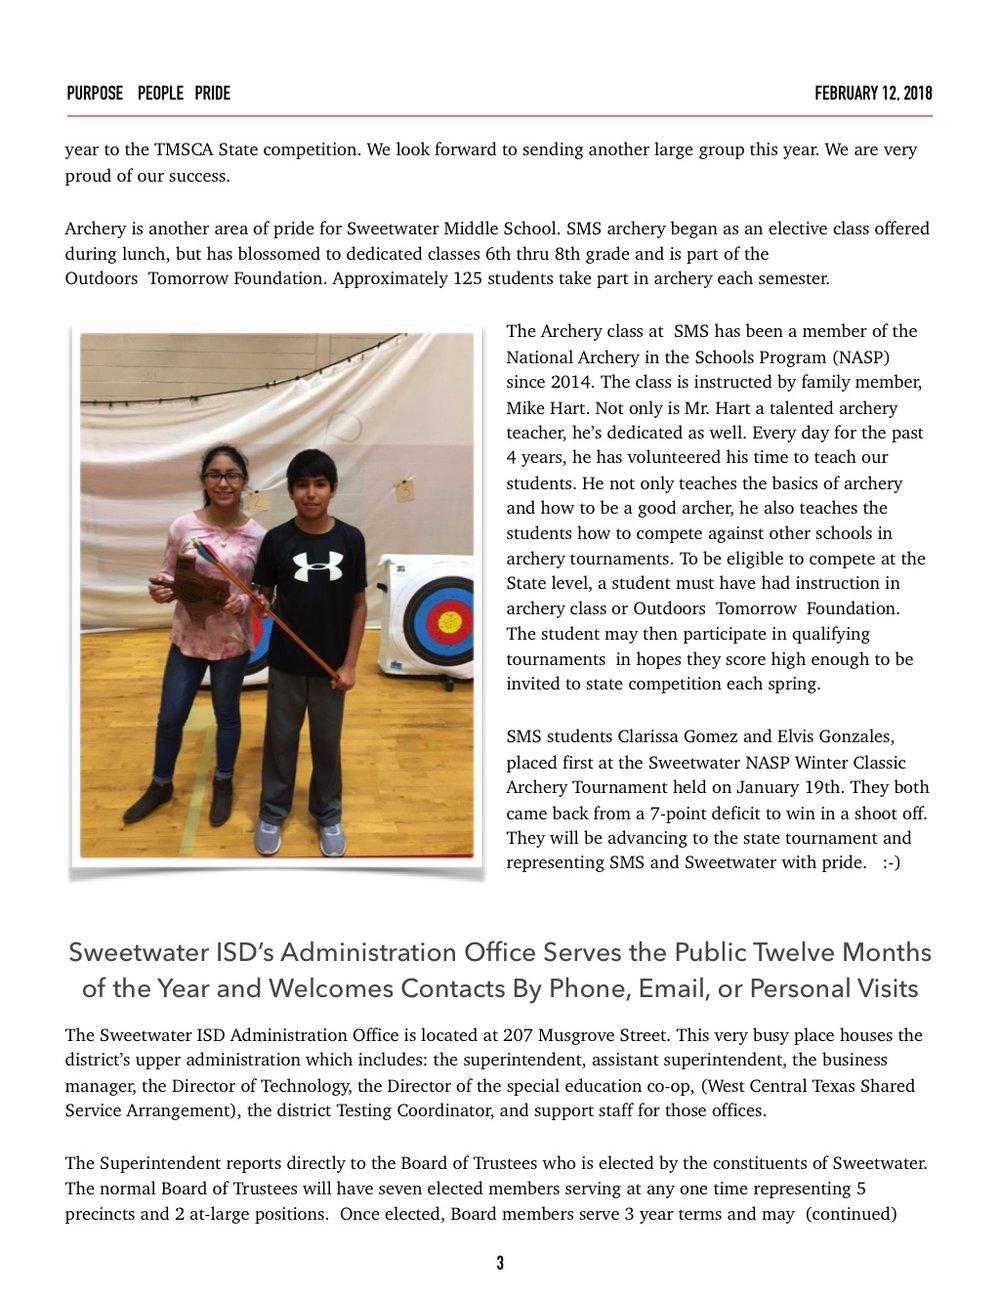 Sweetwater ISD Newsletter February 2018-3.jpg